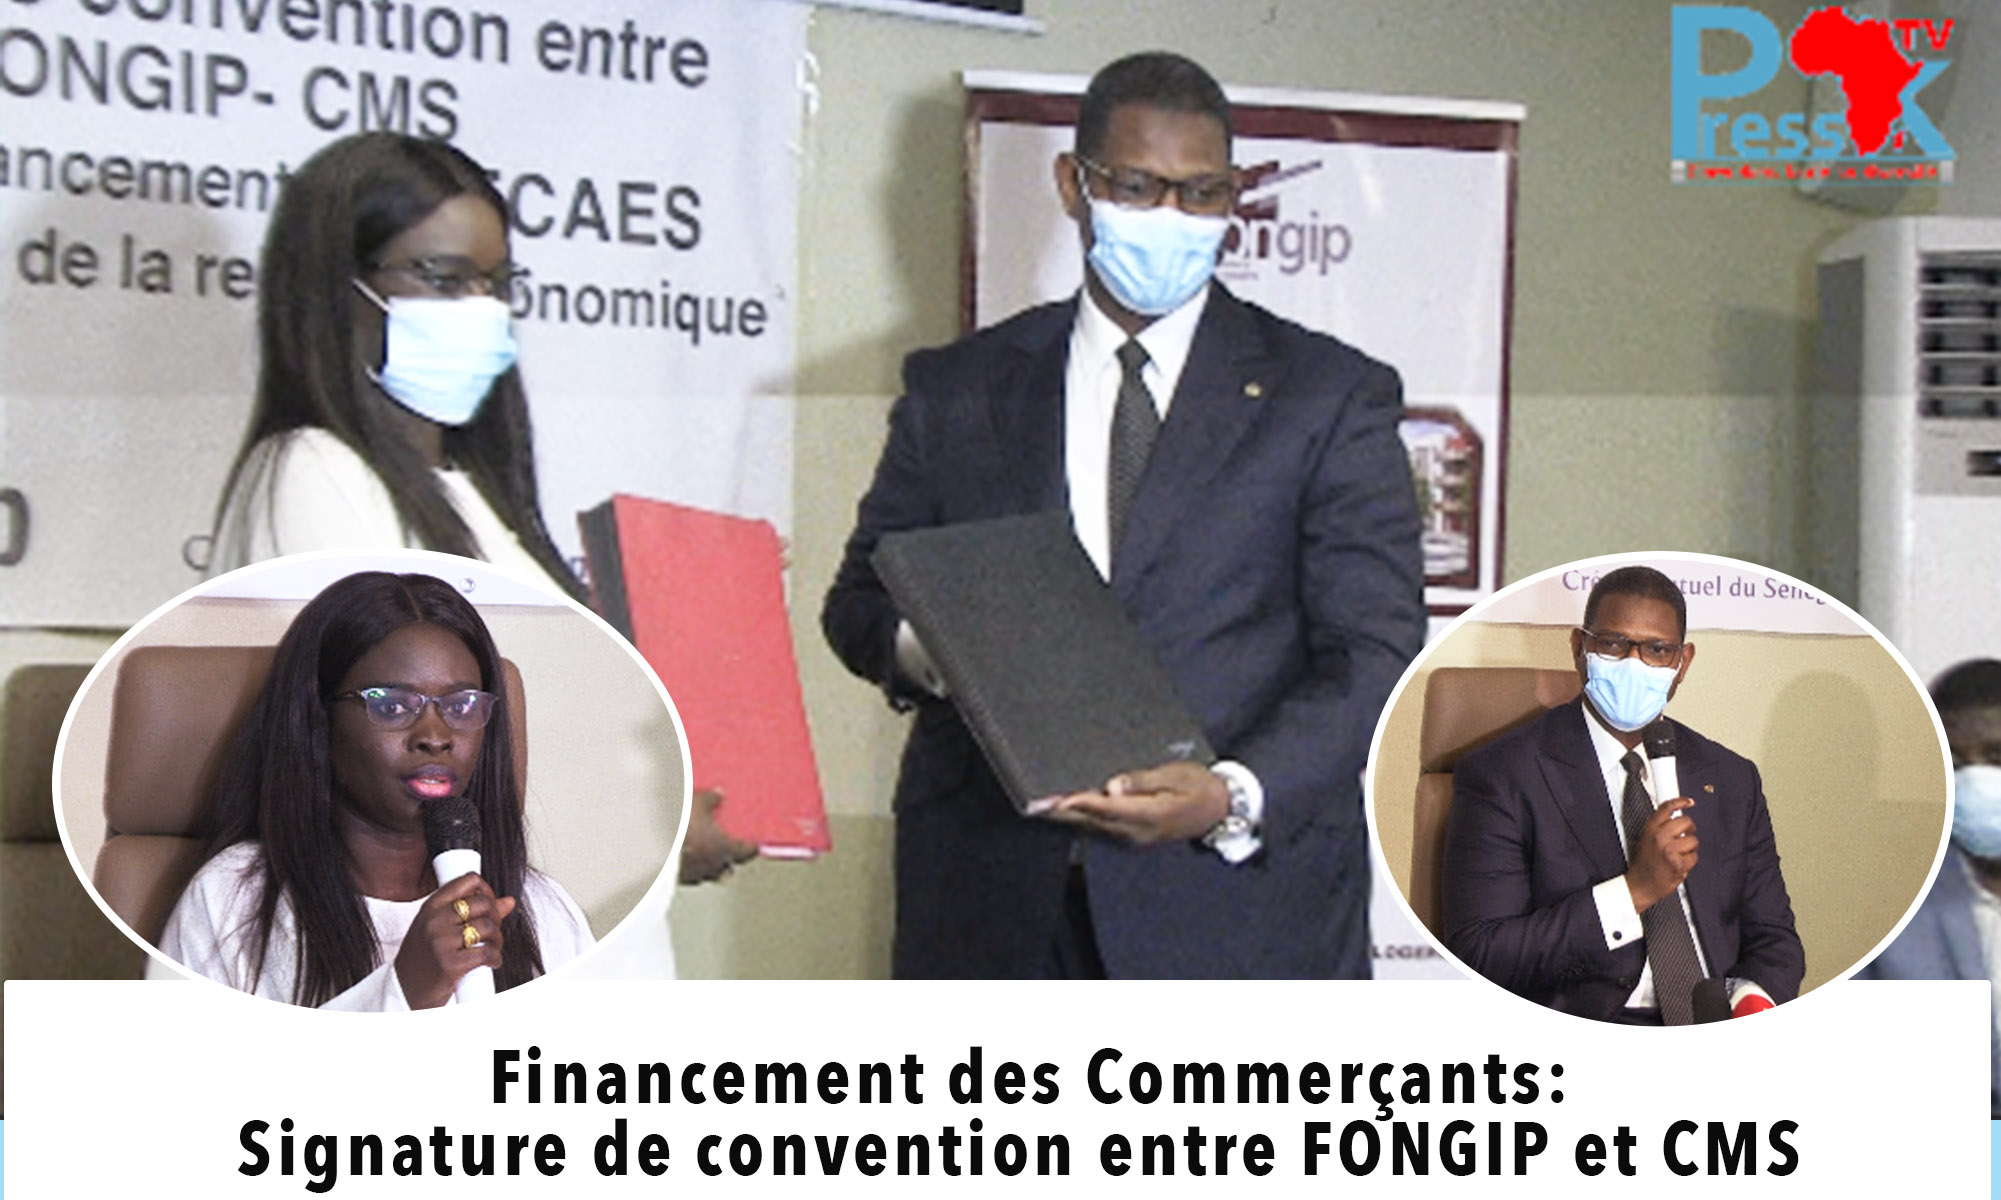 Le FONGIP injecte 100 millions Fcfa au CMS pour financer les marchands ambulants